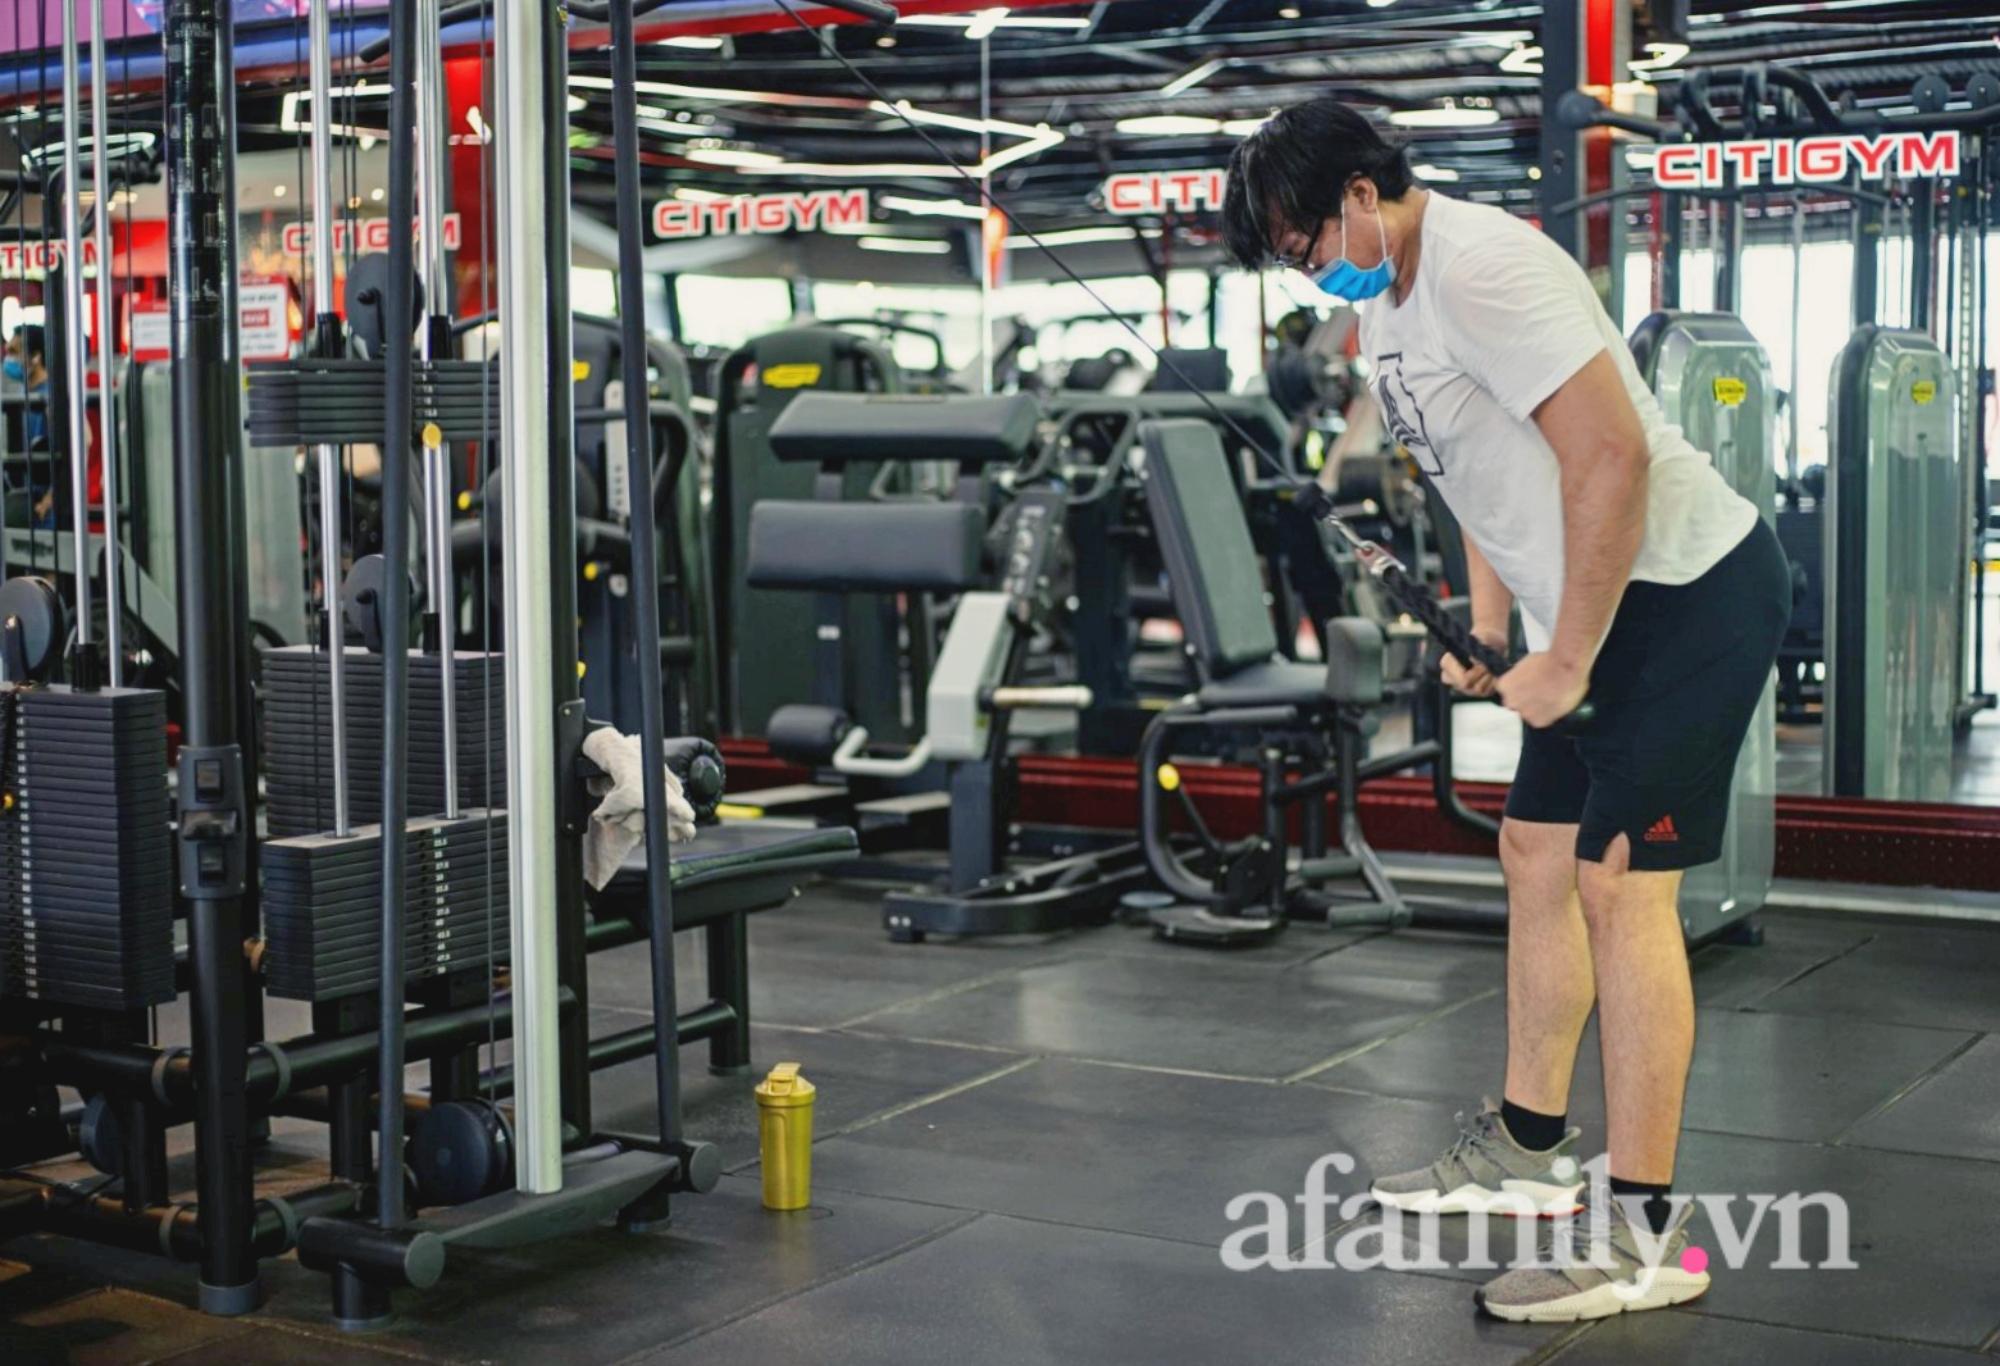 """Sau 4 tháng """"ngủ đông"""", phòng gym ở TP.HCM mở cửa, nhiều bạn trẻ vui như trẩy hội - Ảnh 2."""